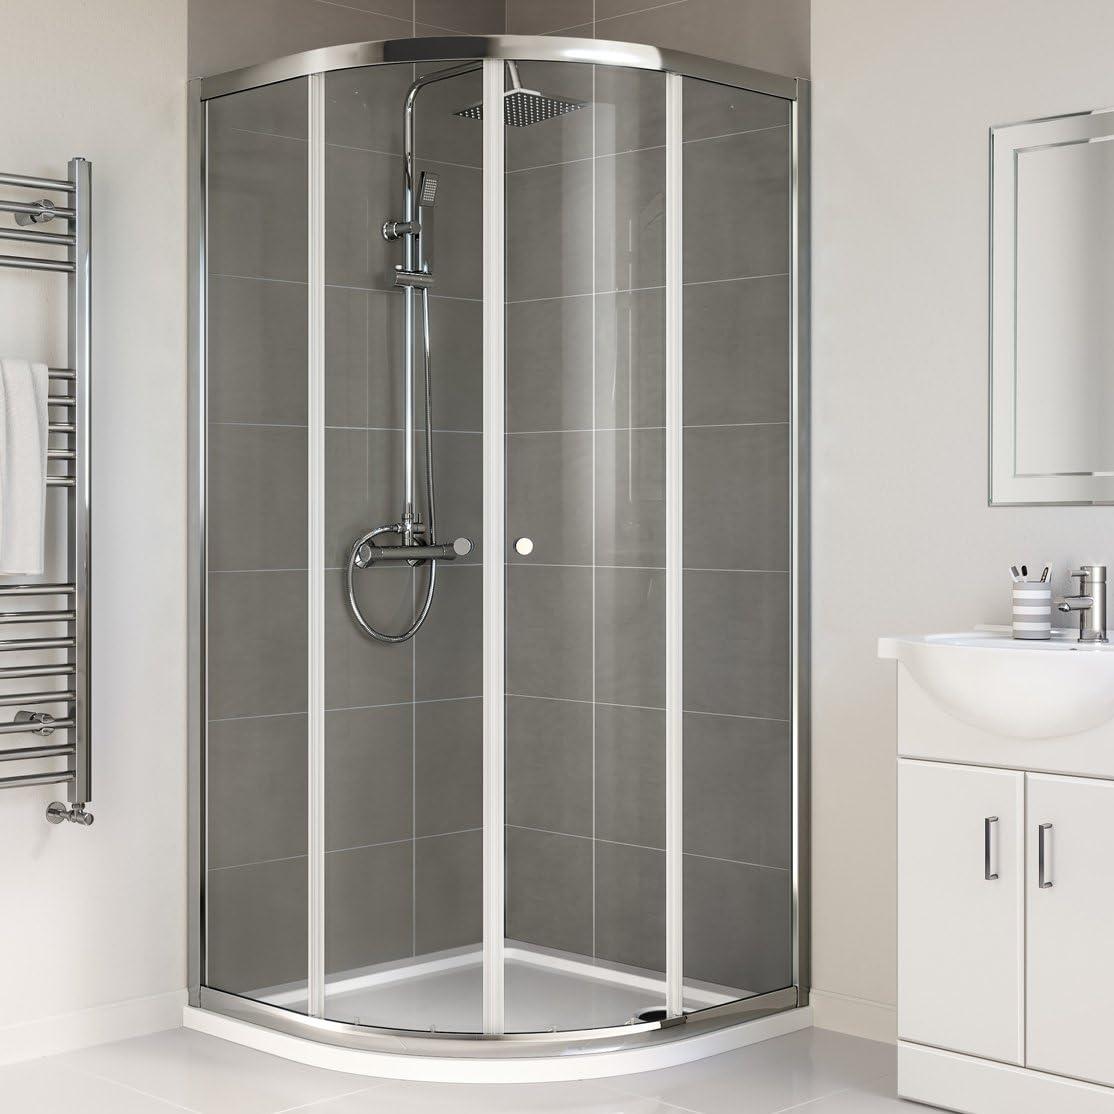 800 x 800 mm mampara de ducha: iBath: Amazon.es: Bricolaje y ...